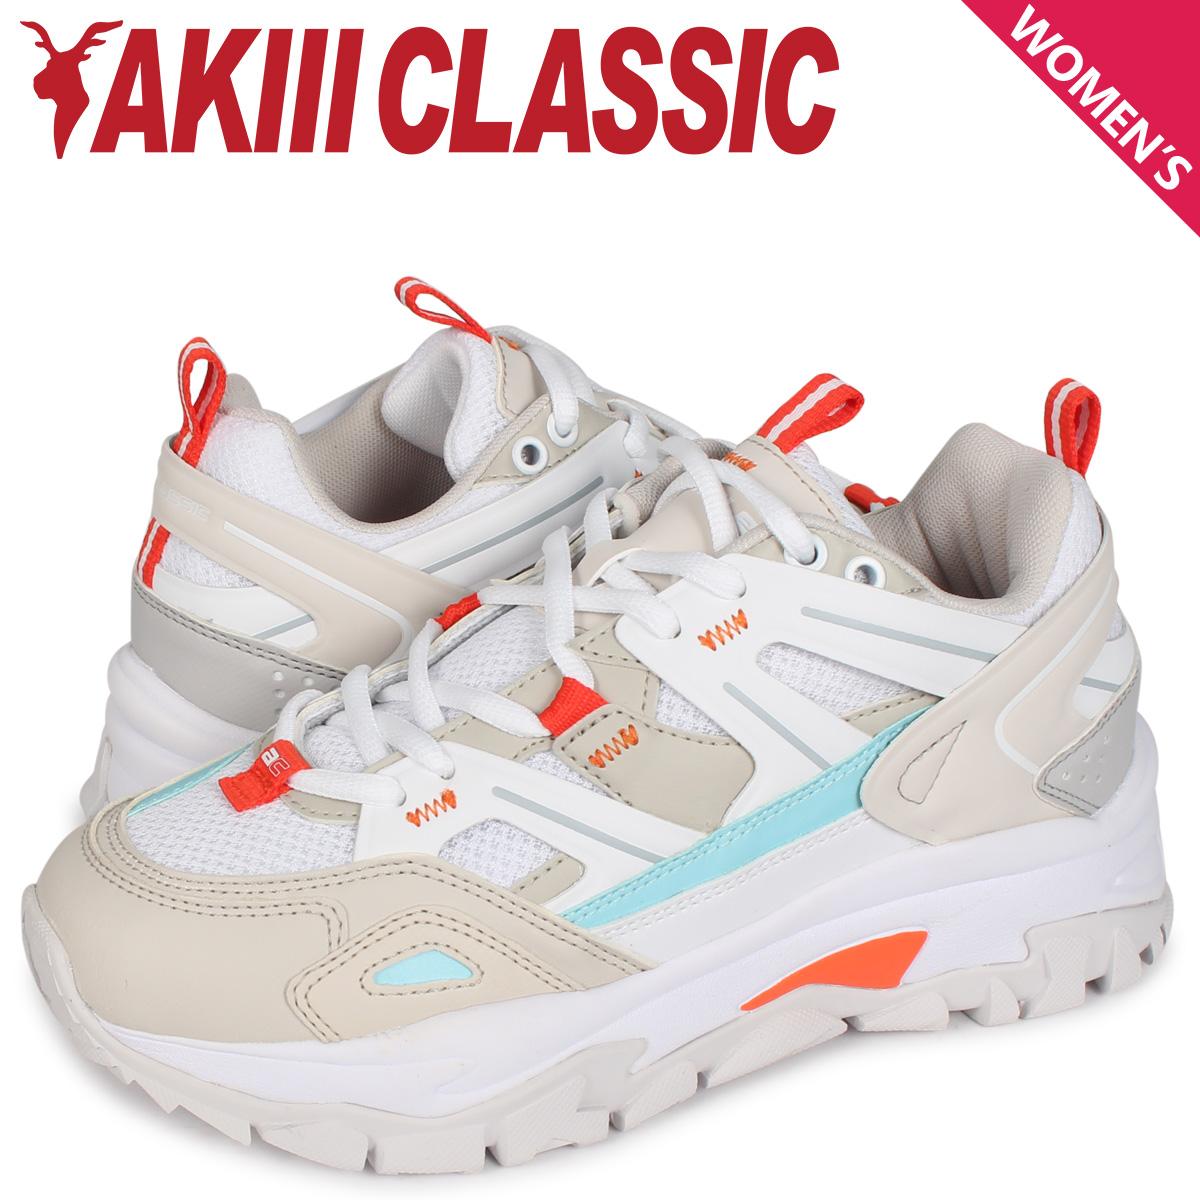 アキクラシック AKIII CLASSIC ランブル スニーカー ダッドシューズ レディース 厚底 RUMBLE ホワイト 白 AKC0001 [4/10 新入荷]